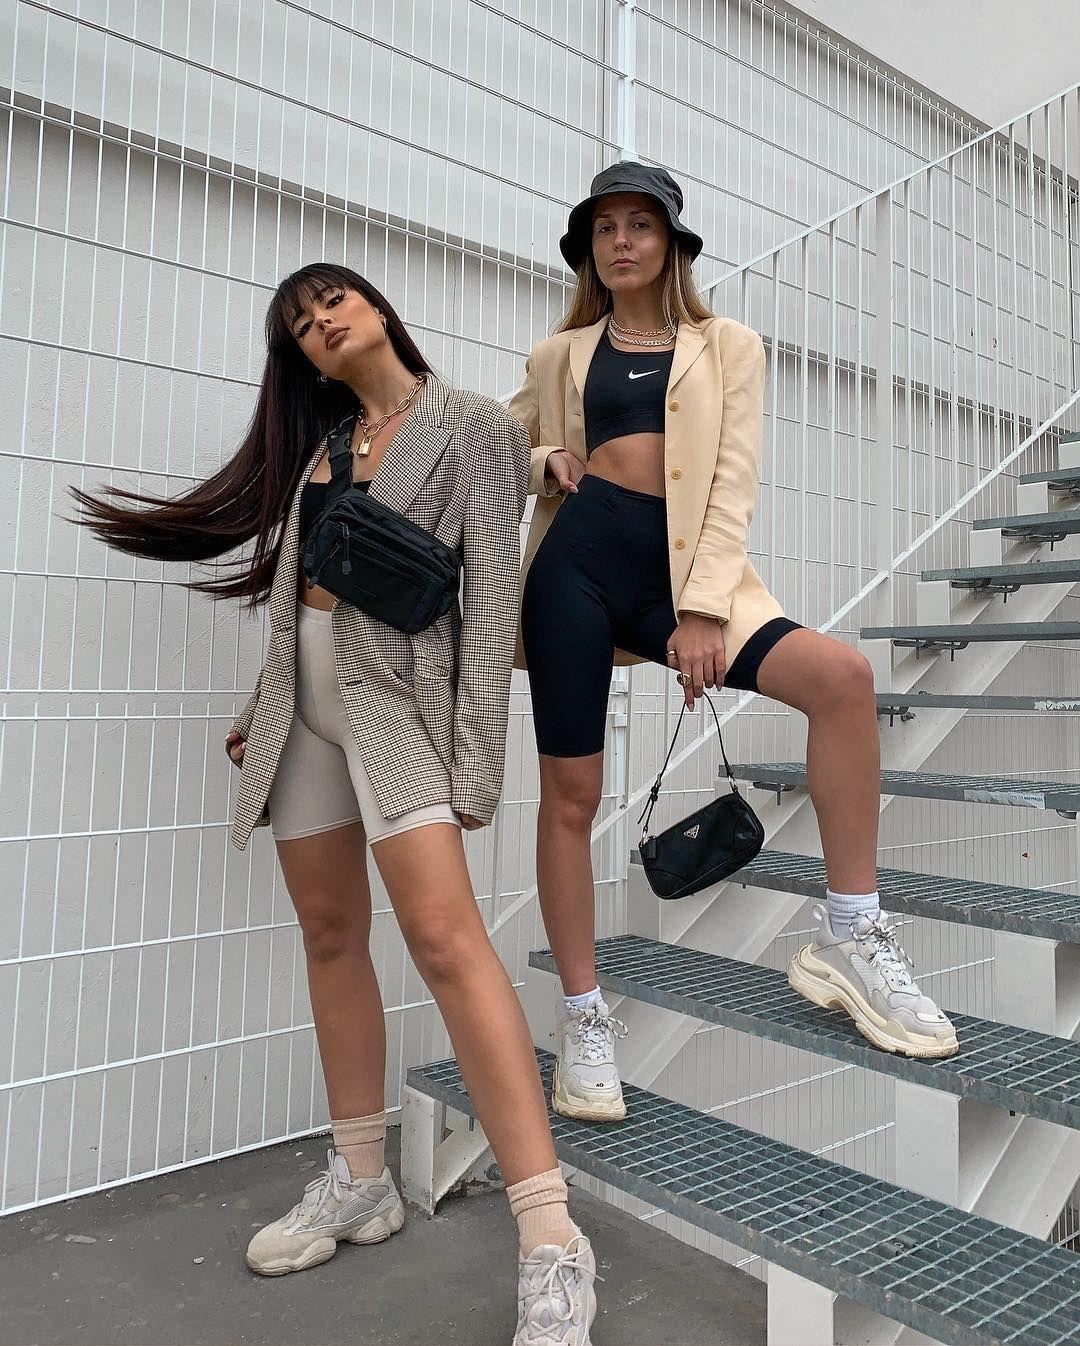 Instagram  Streetwear fashion women, Streetwear girl, Aesthetic